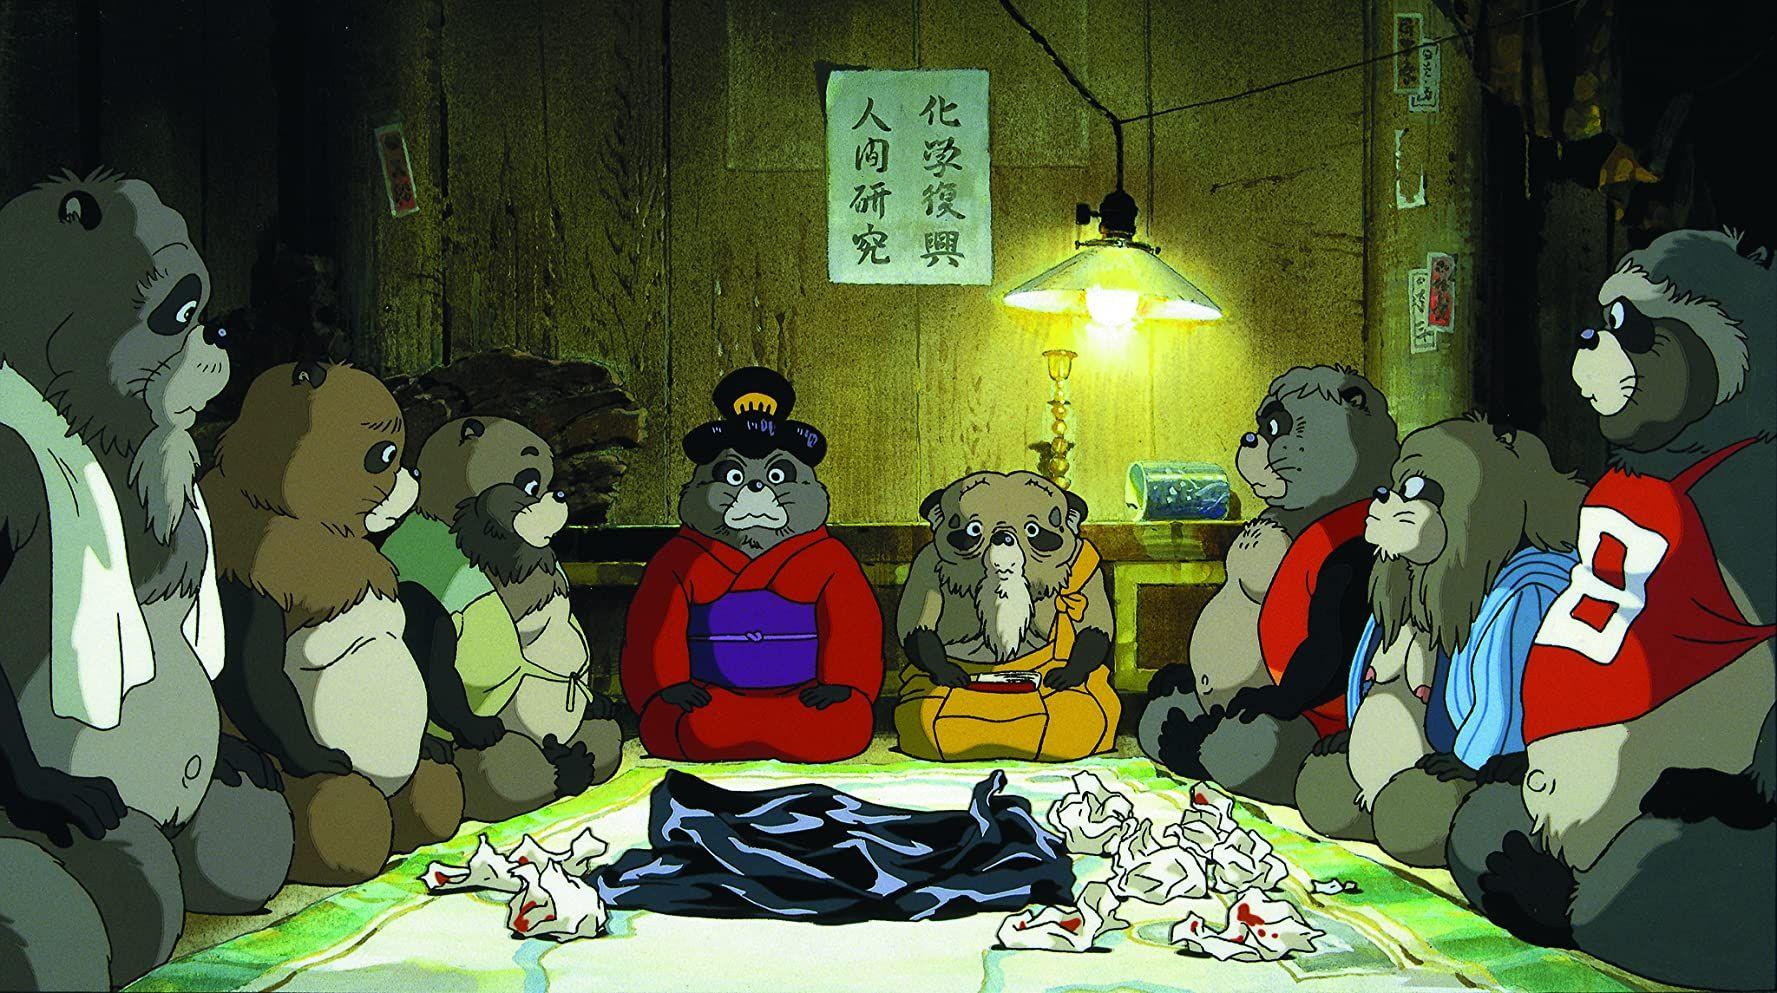 平成狸合戦ぽんぽこ 1994 In 2020 Pom Poko Studio Ghibli Ghibli